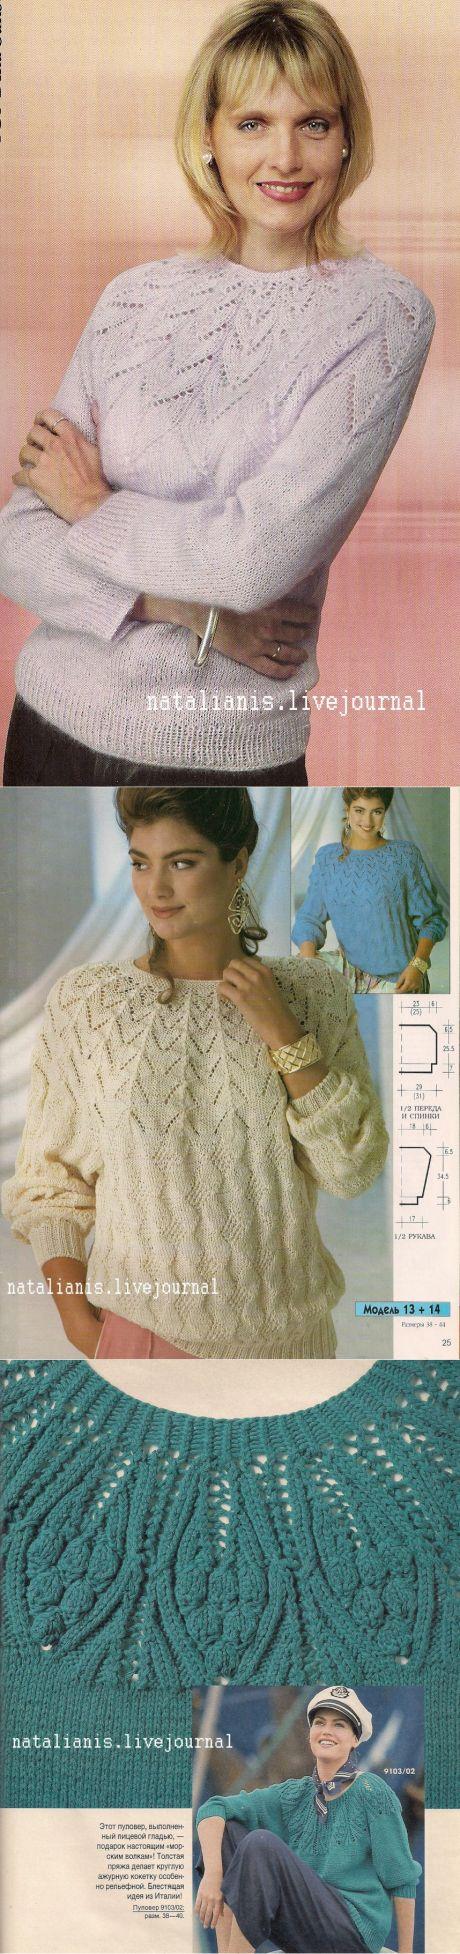 Tre varianti di una civetta rotonda con ferri da maglia